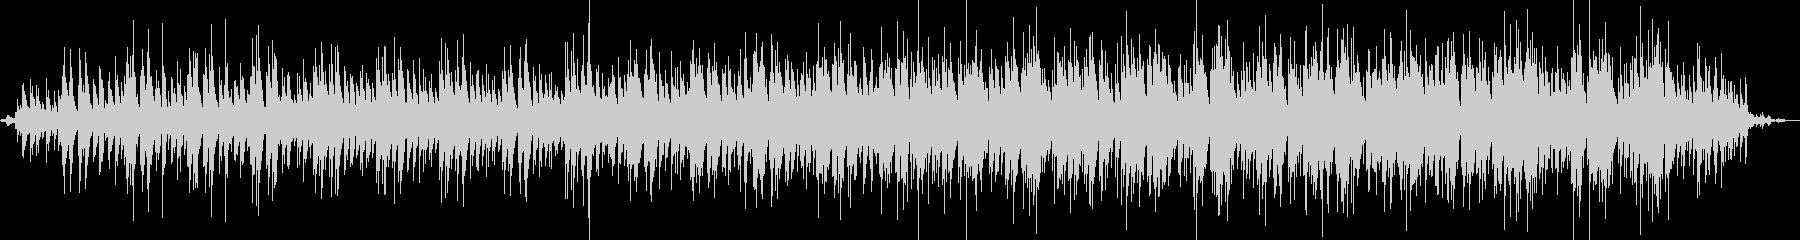 ピースフルなクラシックギターアンビエントの未再生の波形